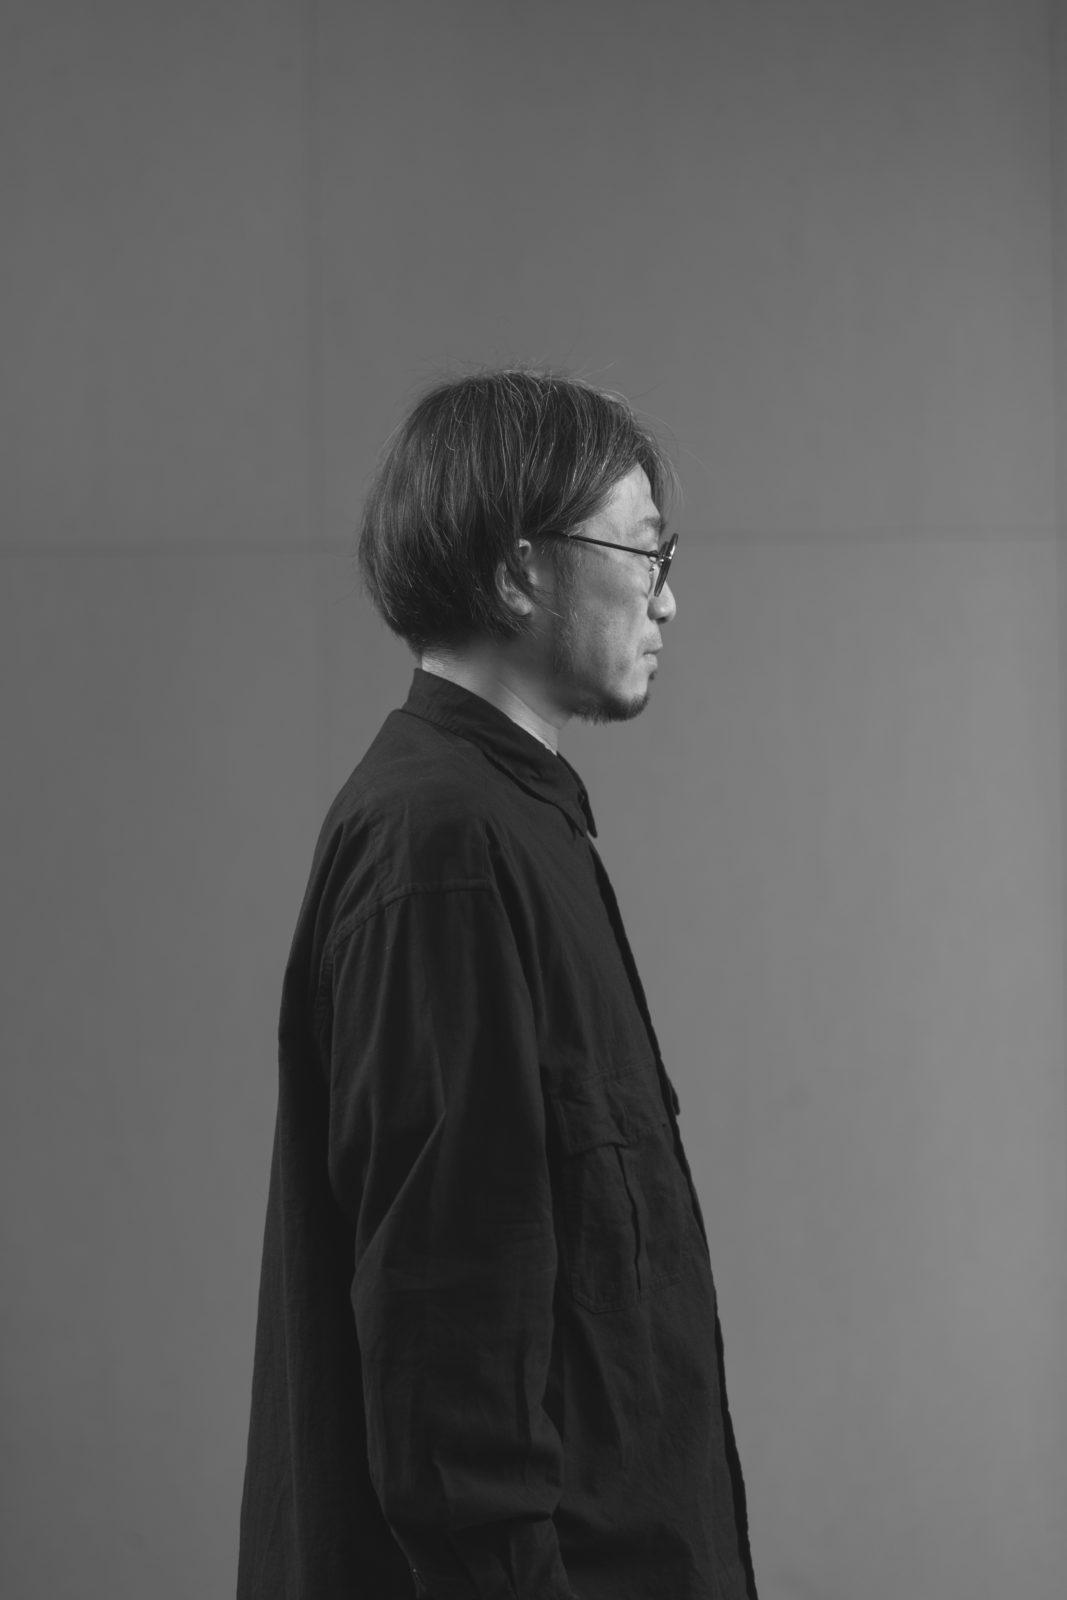 Shimada Yusuke